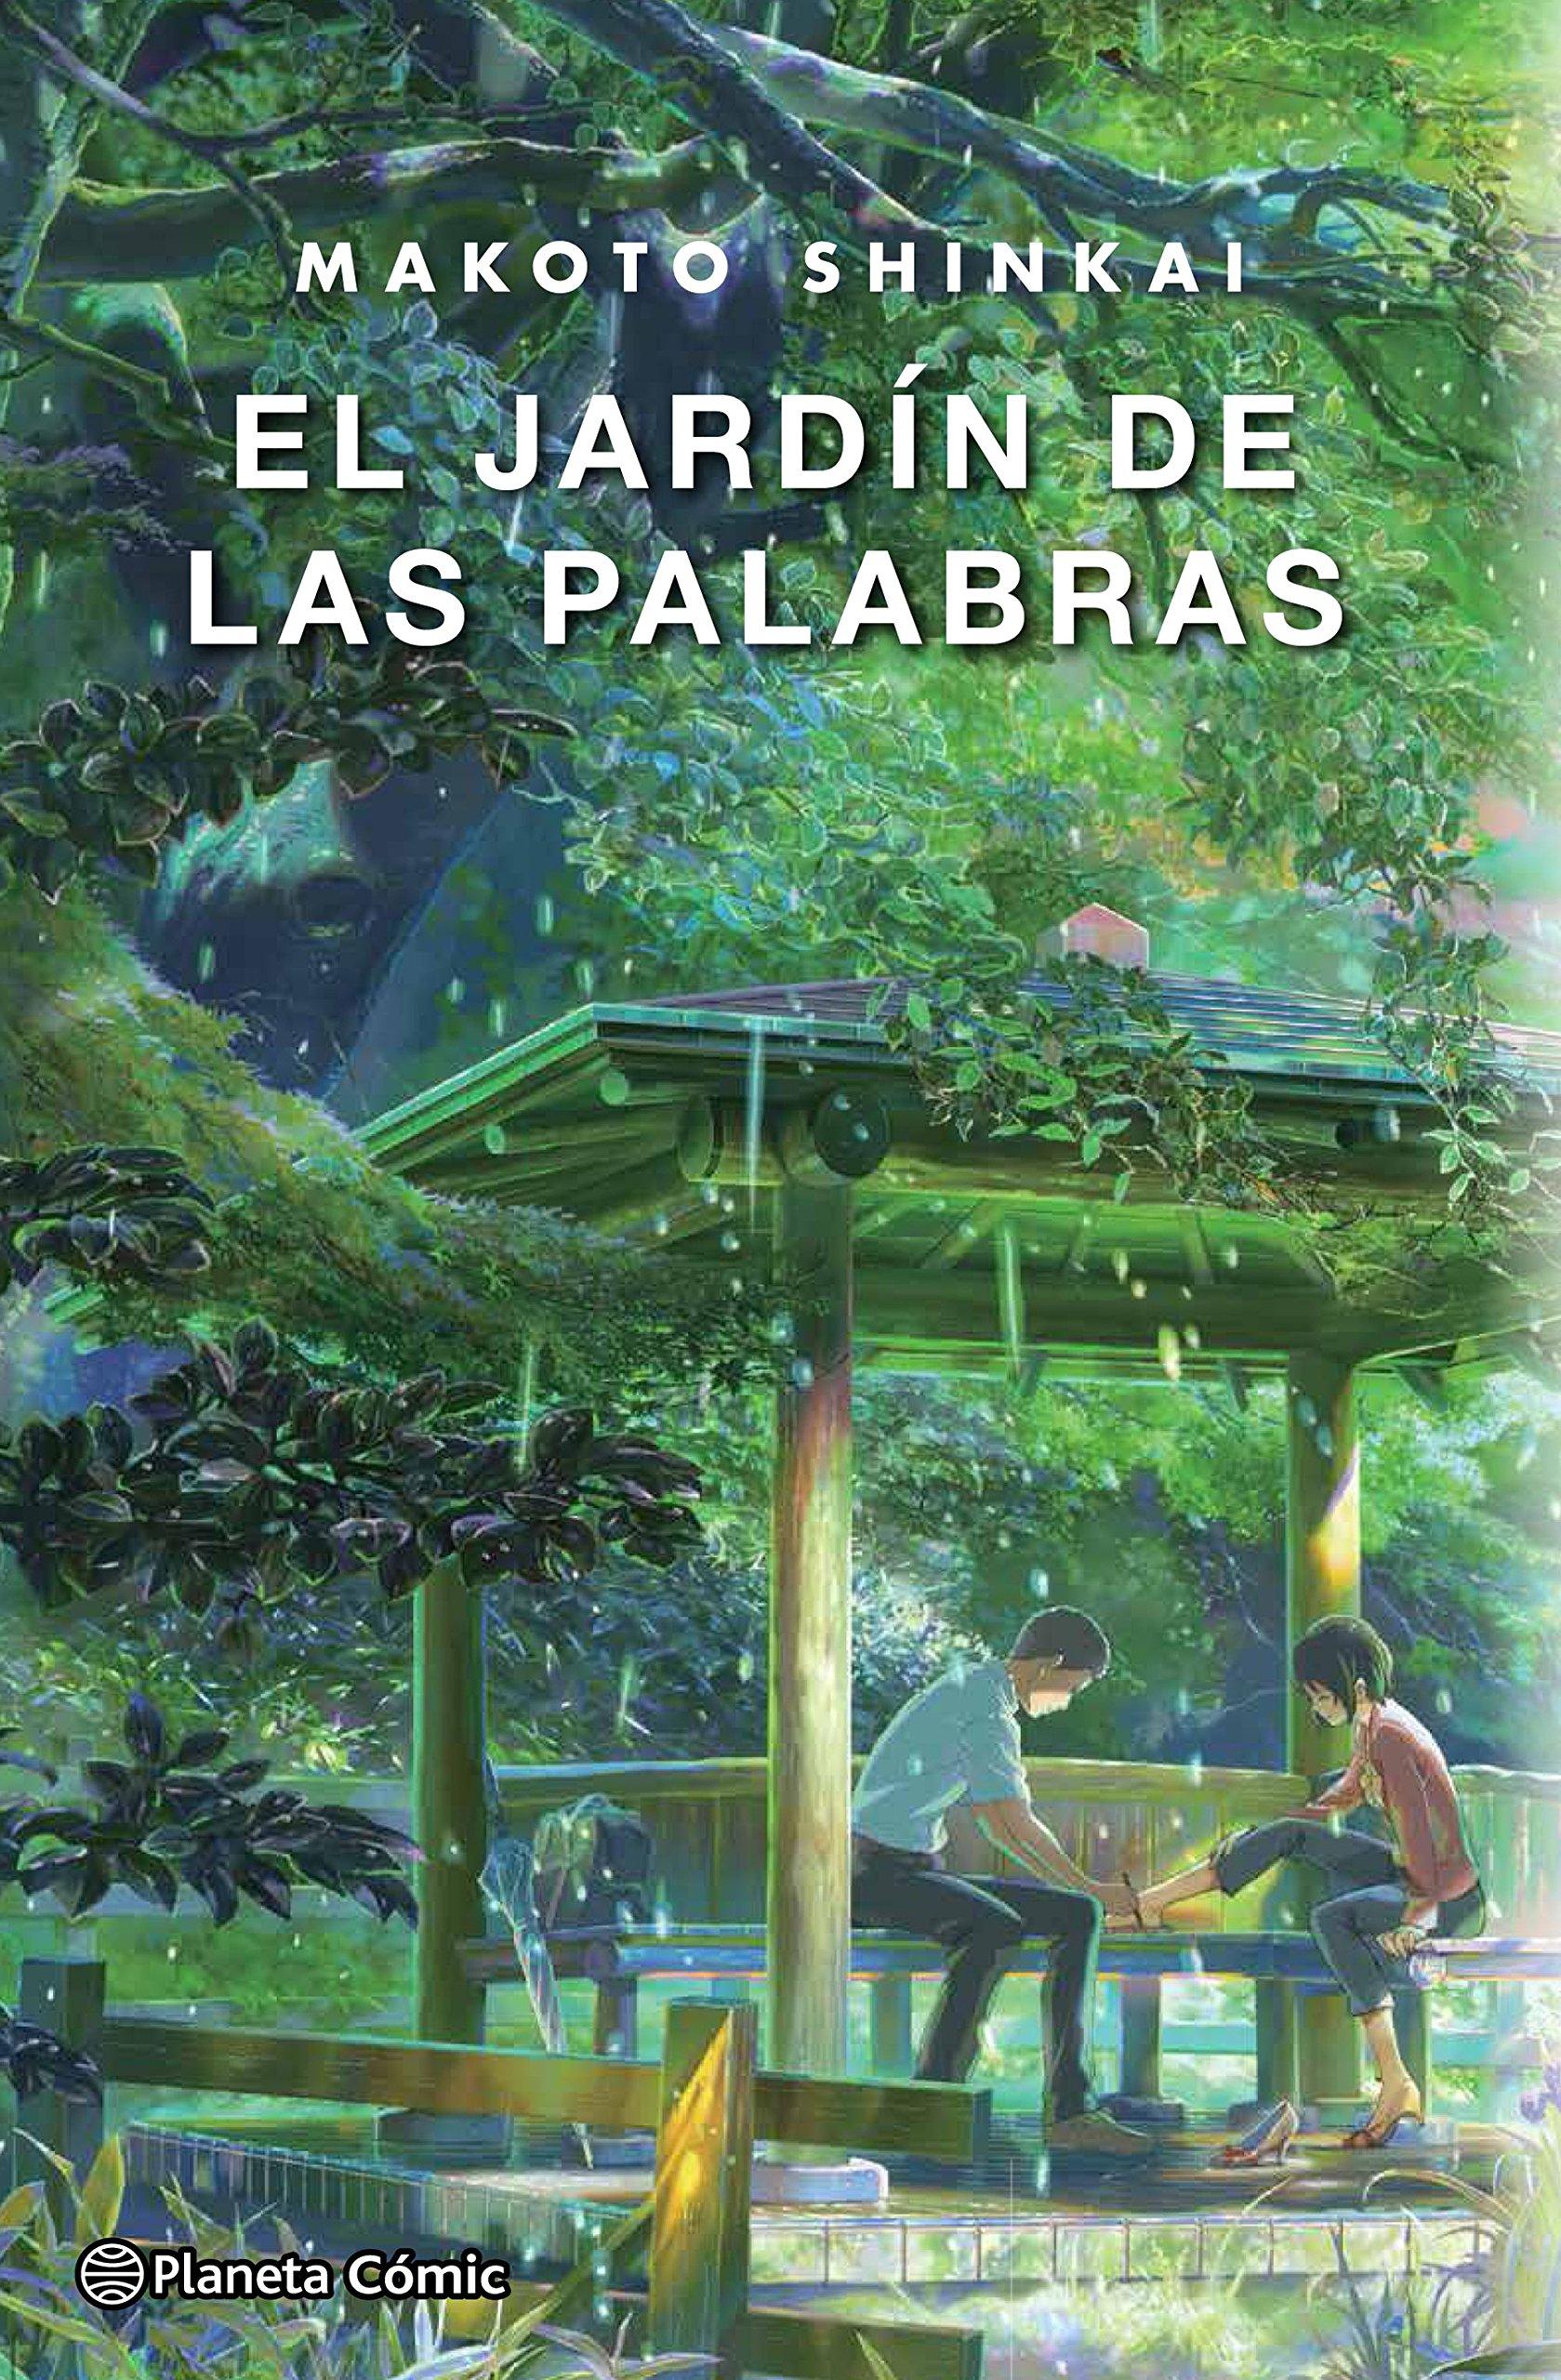 El jardín de las palabras novela Manga: Biblioteca Makoto Shinkai: Amazon.es: Shinkai, Makoto, Daruma: Libros